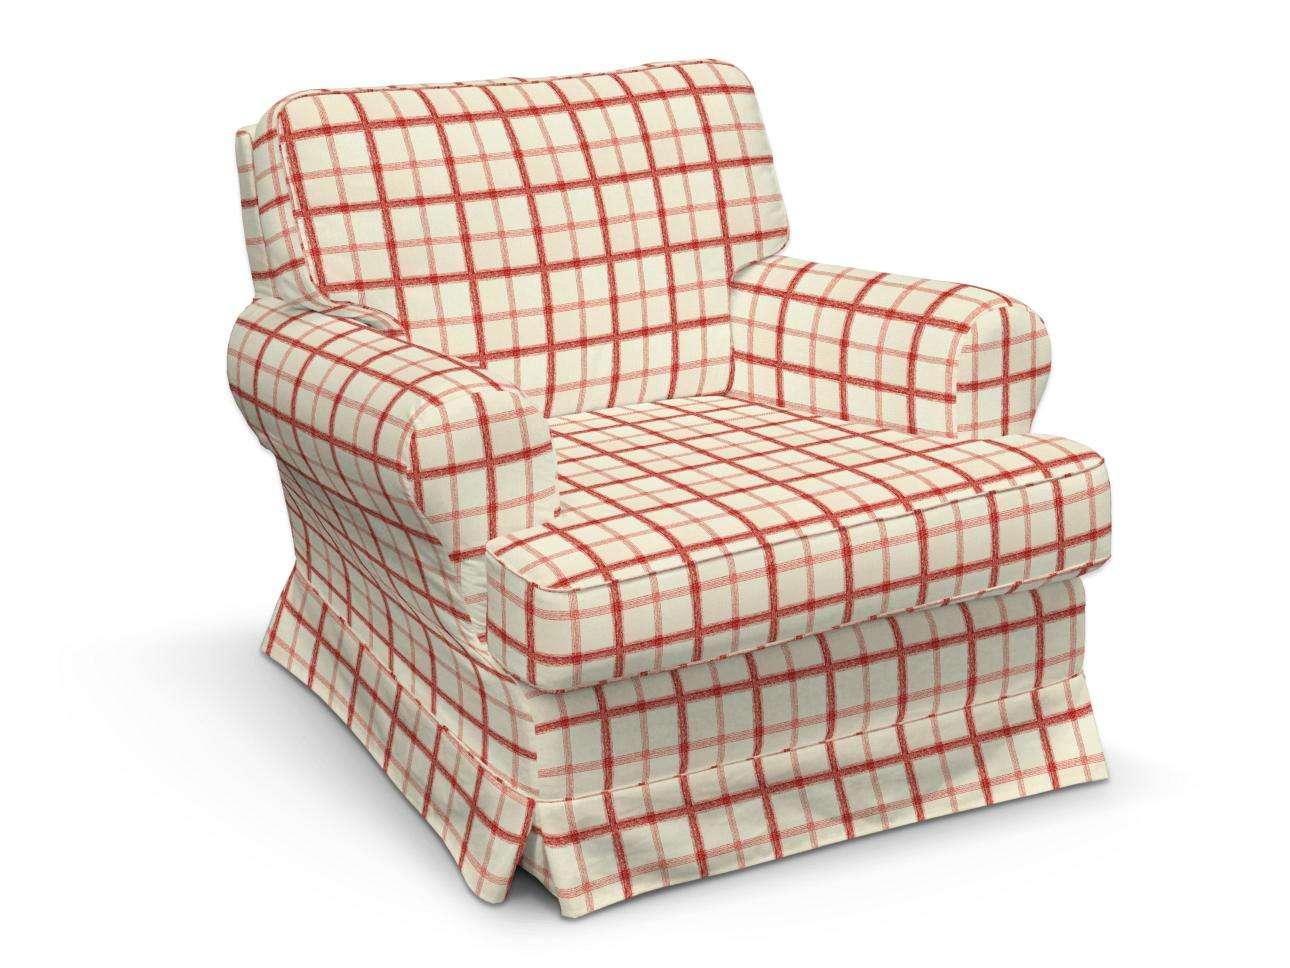 Barkaby fotelio užvalkalas Barkaby fotelio užvalkalas kolekcijoje Avinon, audinys: 131-15